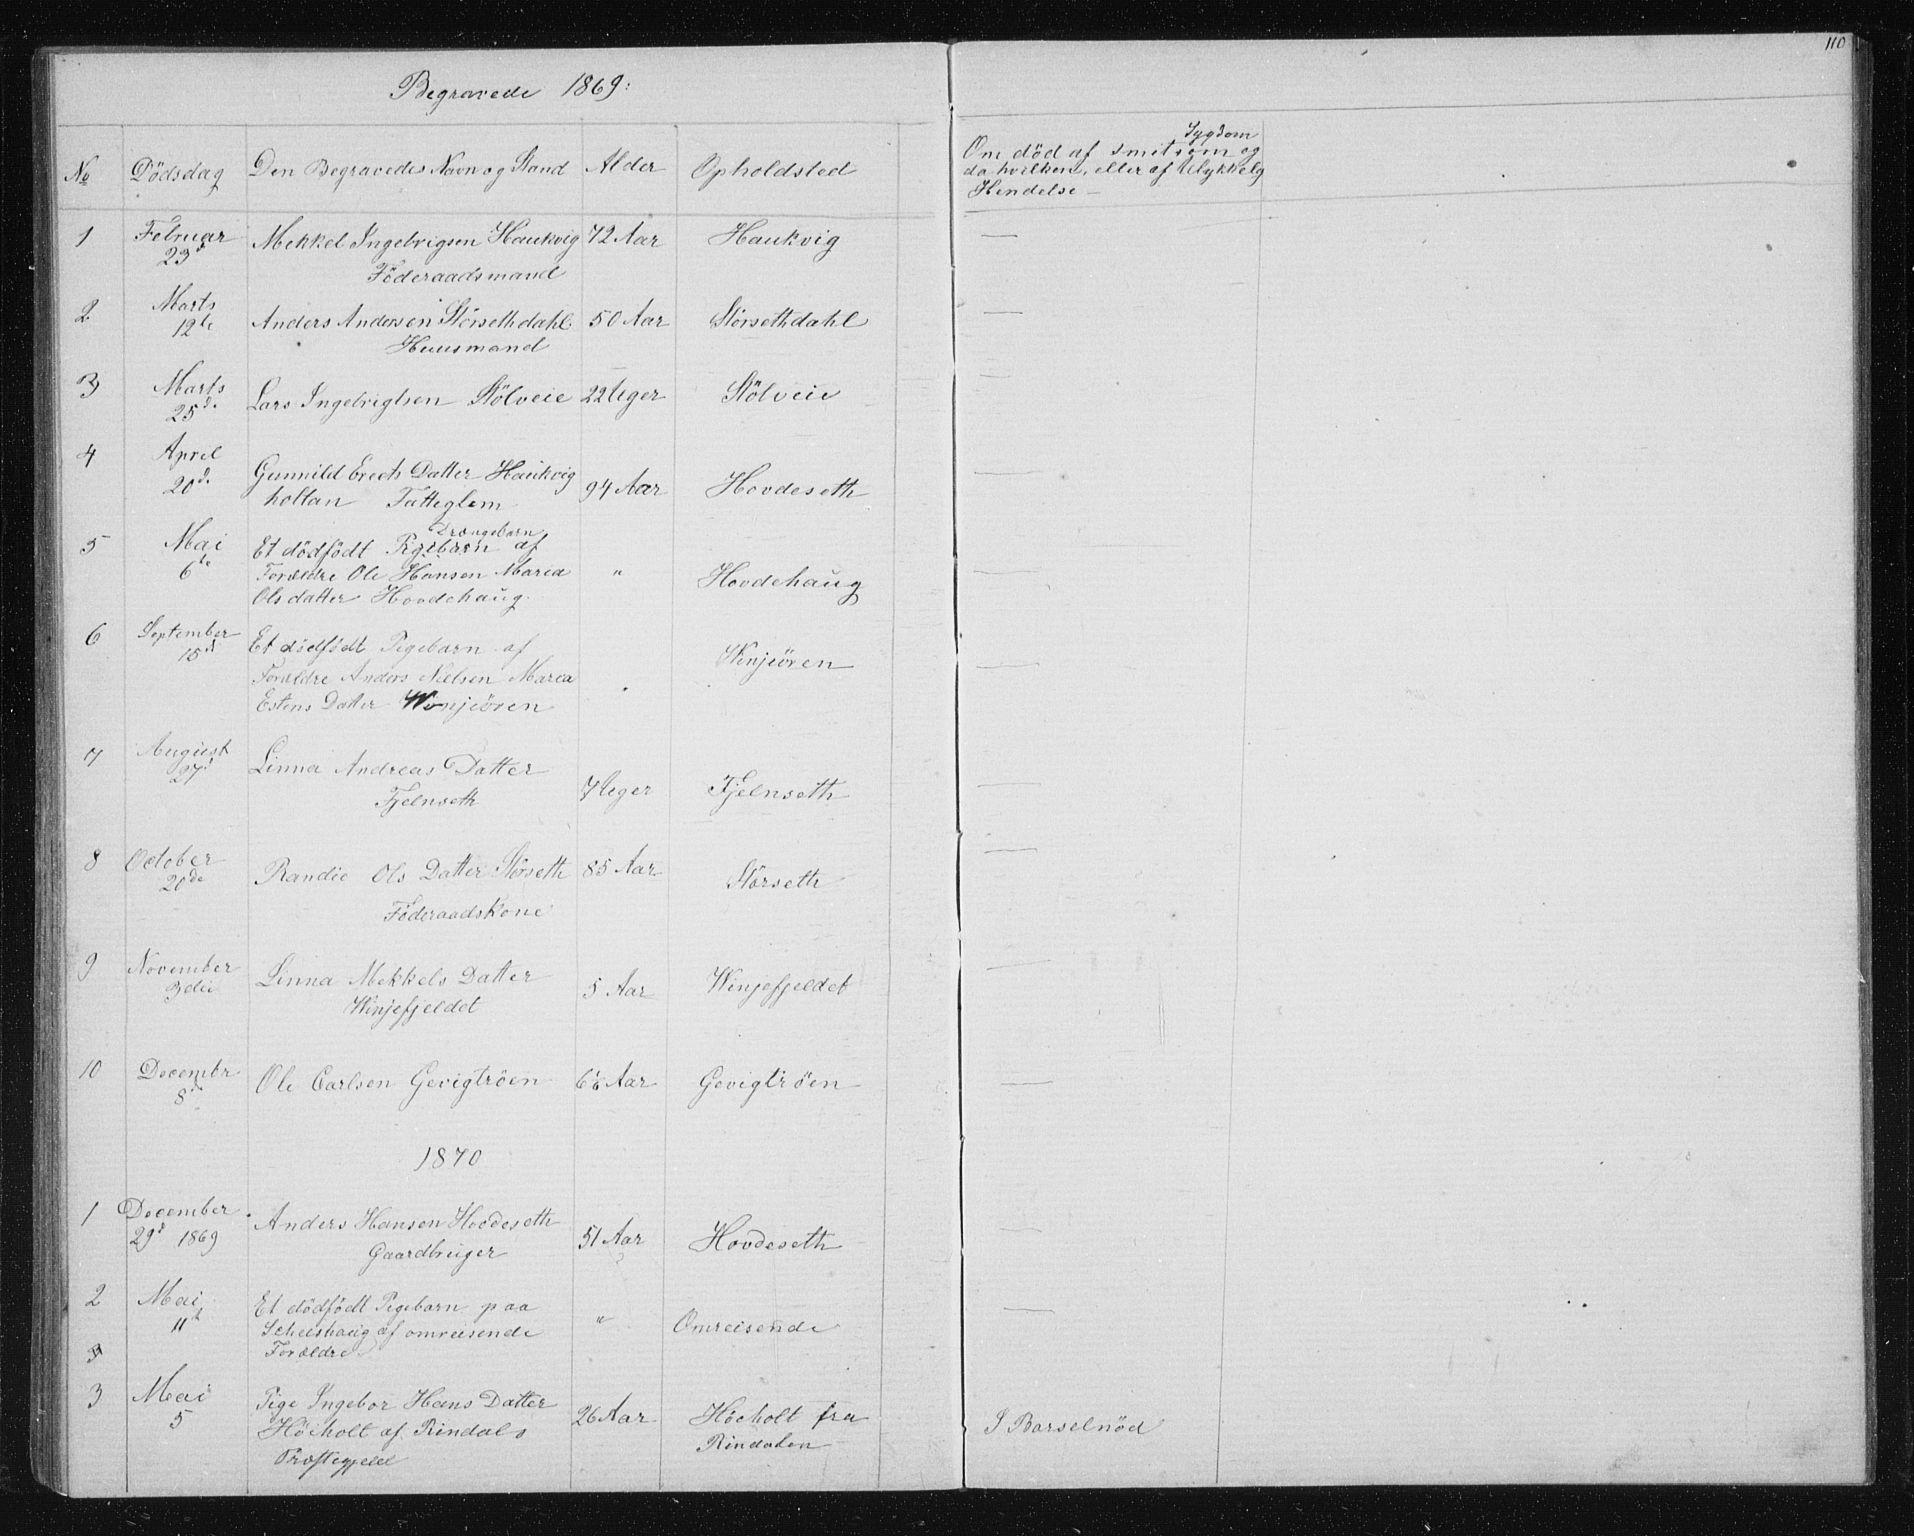 SAT, Ministerialprotokoller, klokkerbøker og fødselsregistre - Sør-Trøndelag, 631/L0513: Klokkerbok nr. 631C01, 1869-1879, s. 110